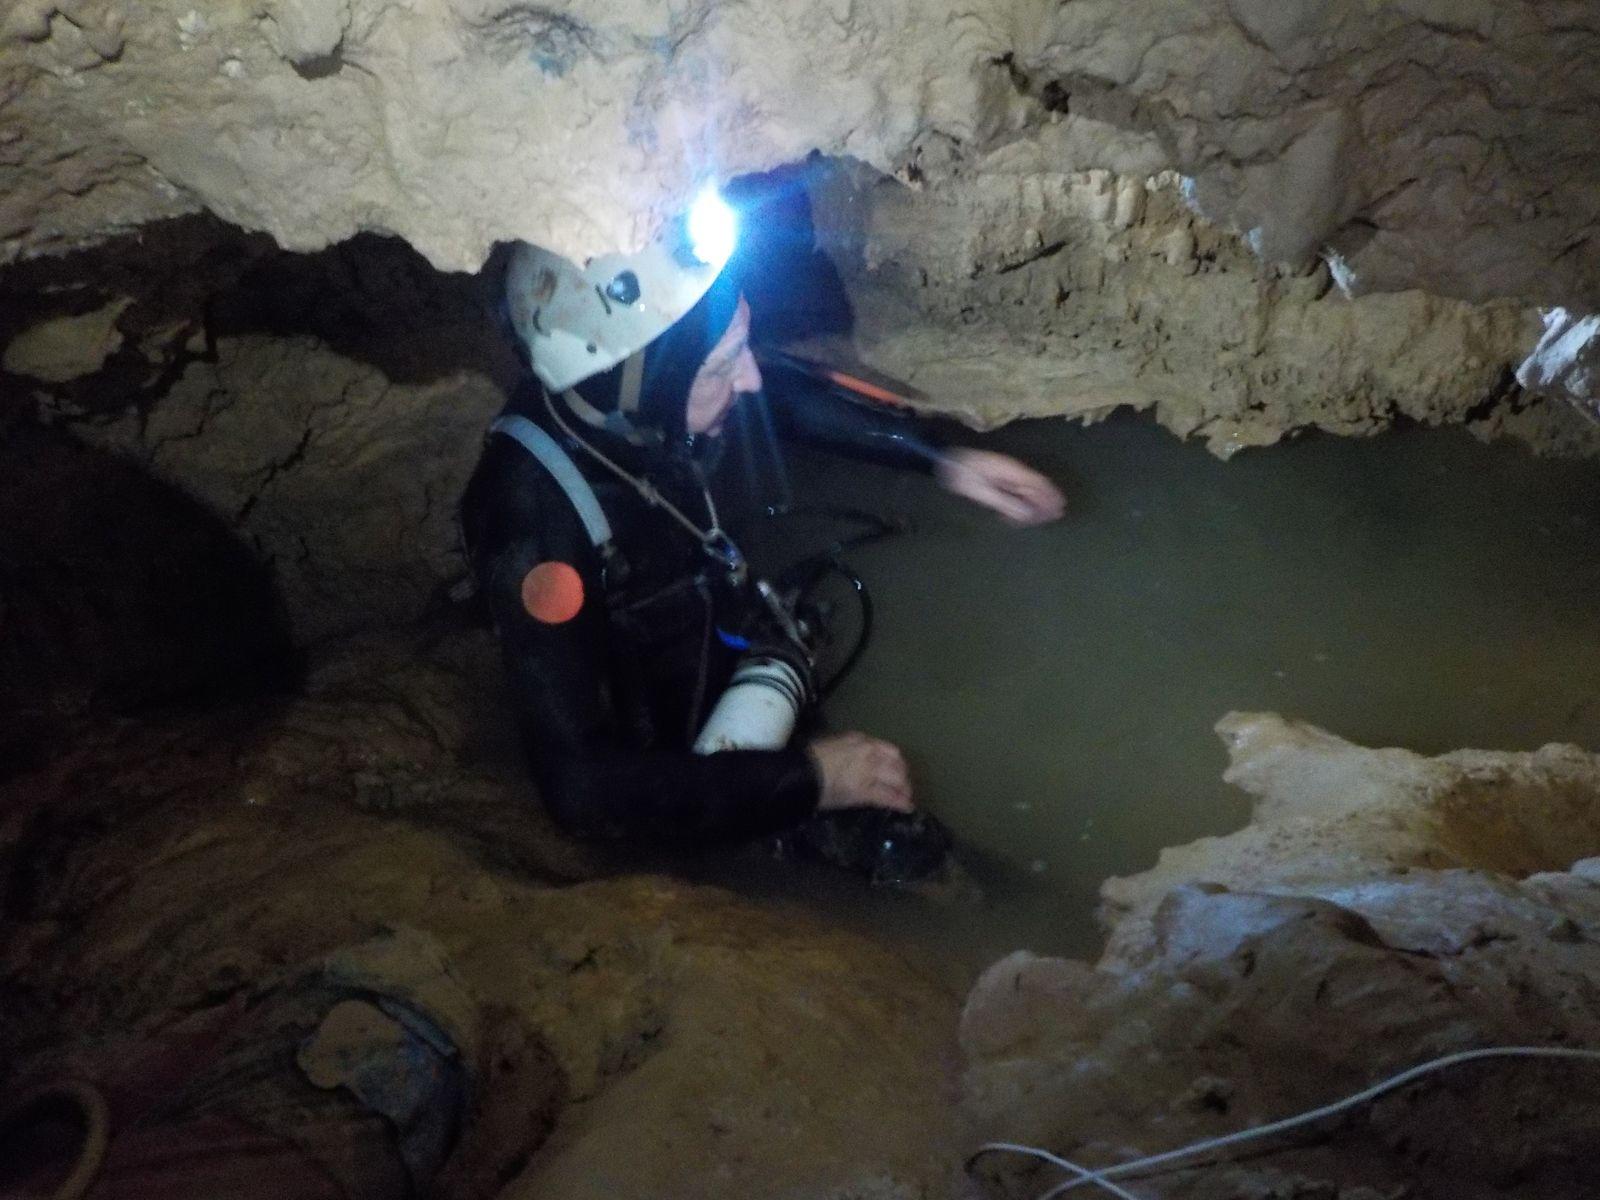 Préparation du matos plongée , l'eau est claire pour la première immersion